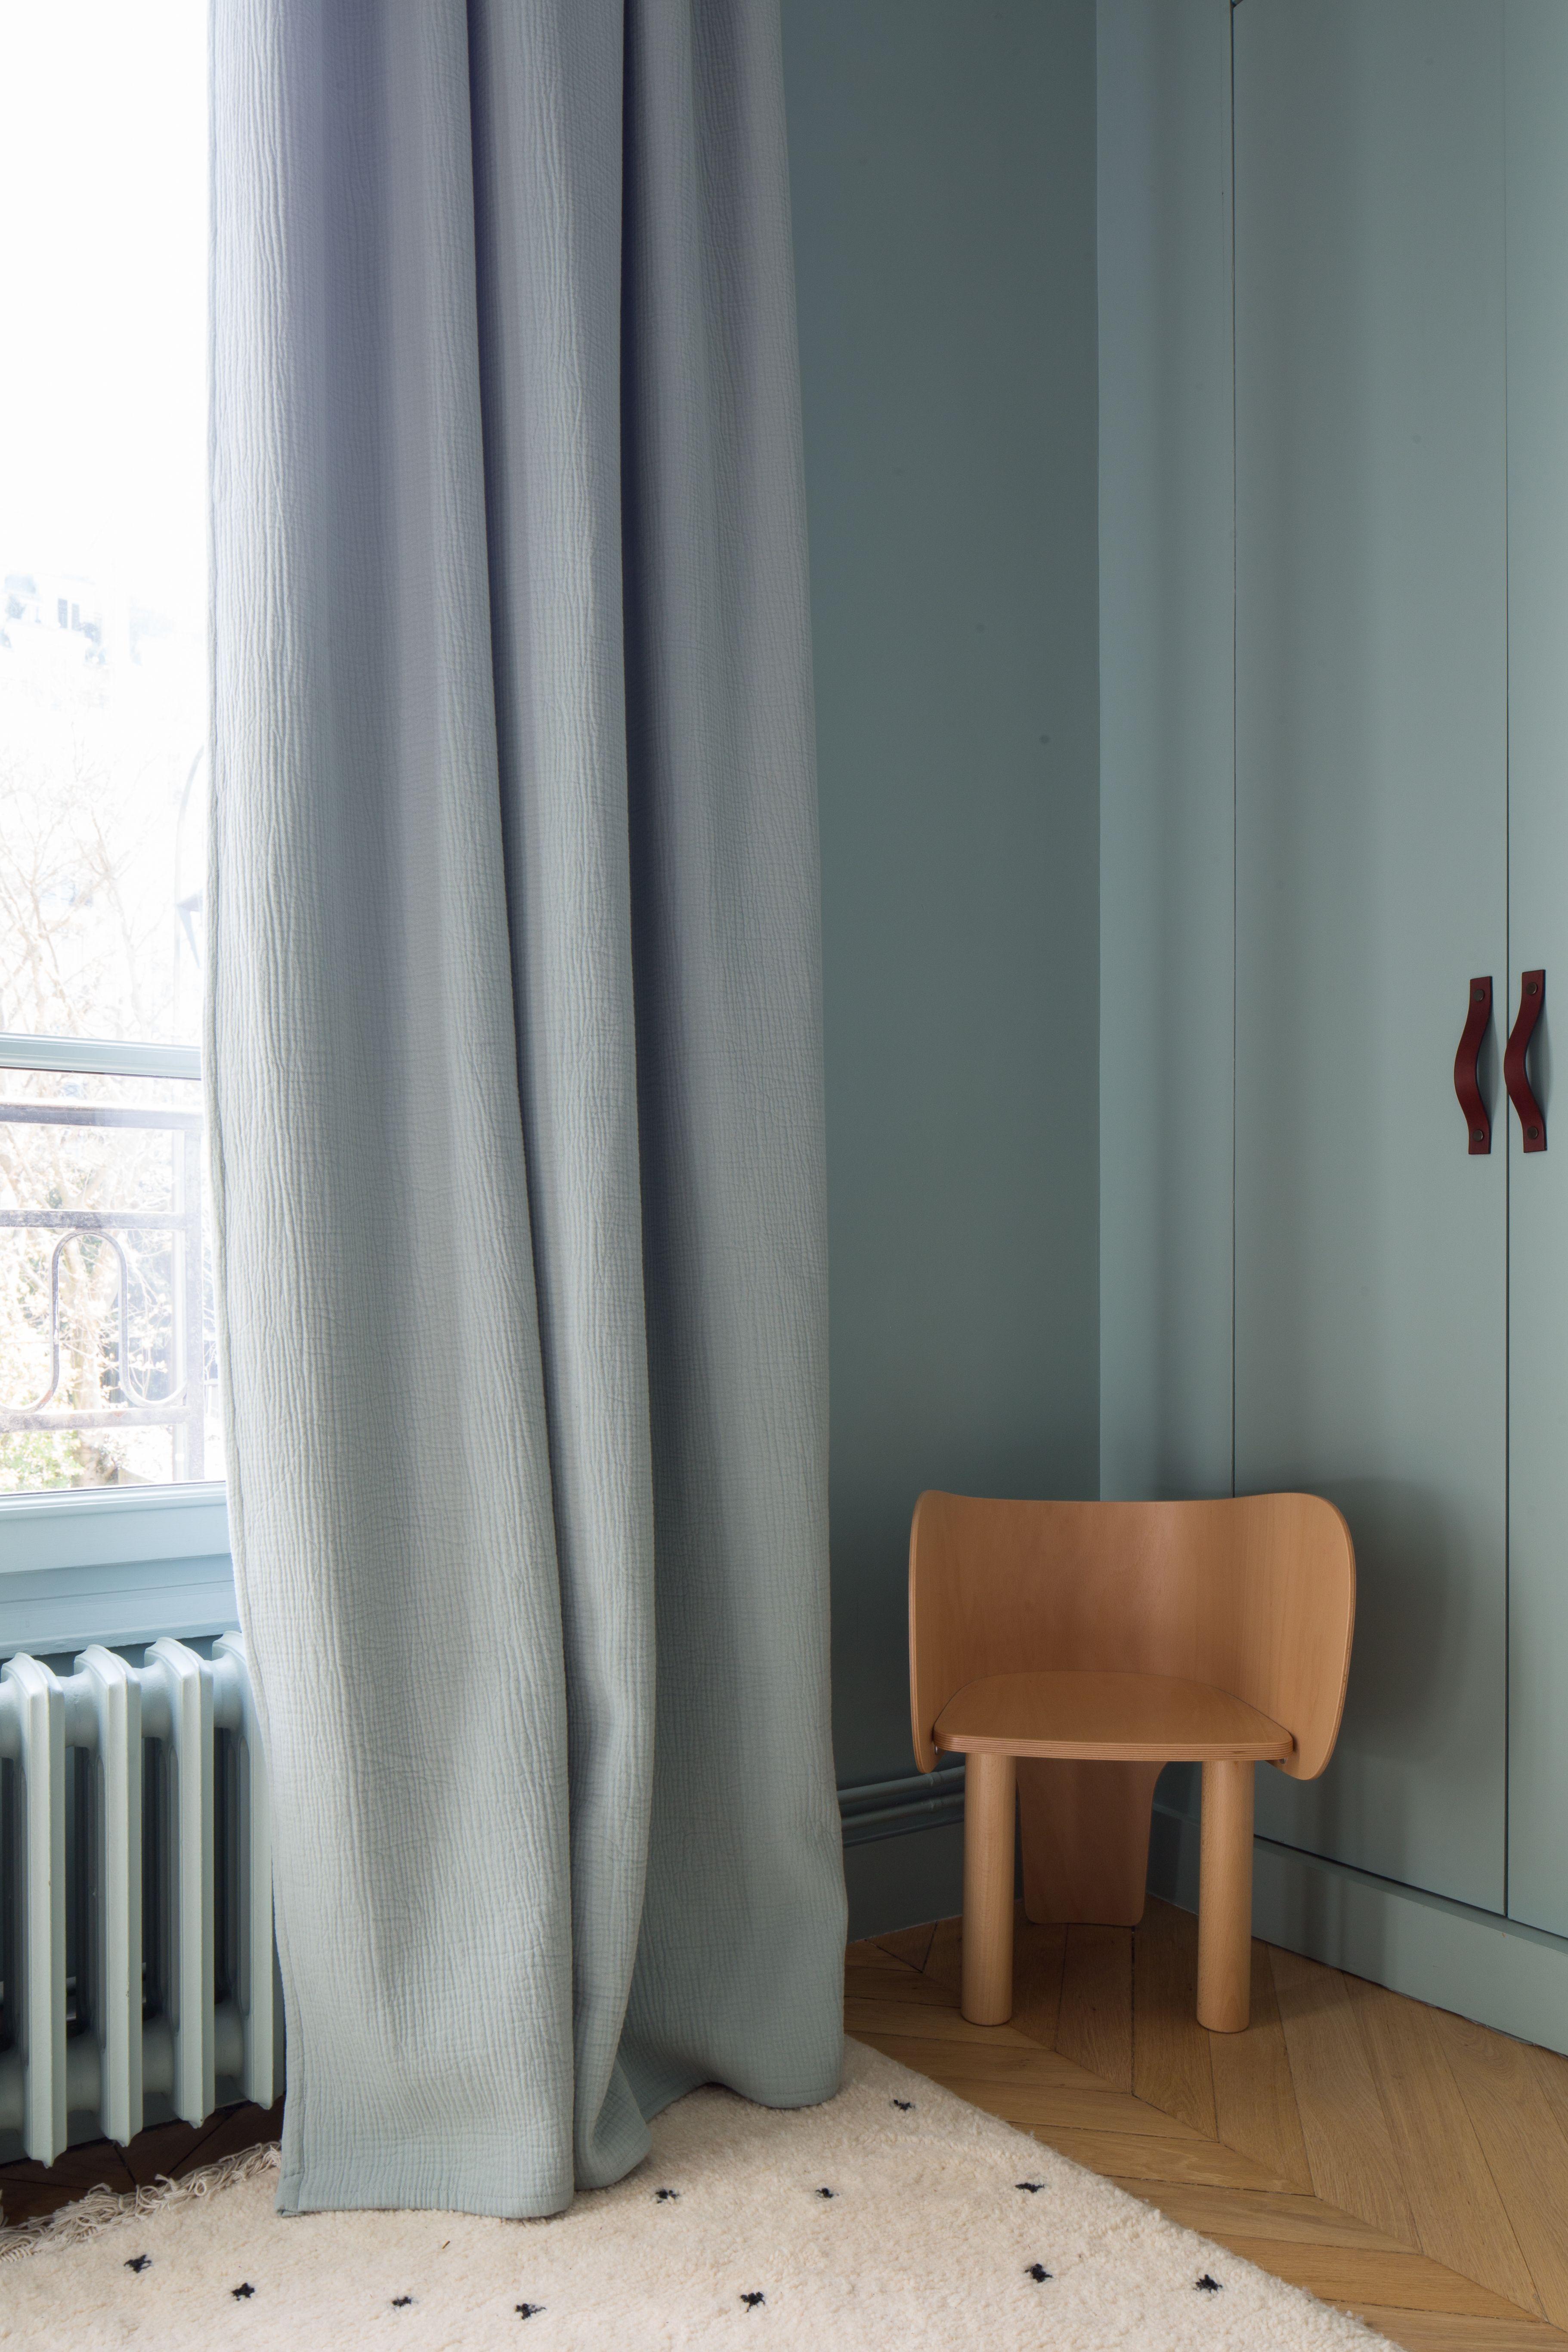 Bateaumagne Architecture Molitor Chambre D Enfant Murano Flamant Dressing Et Rideaux Ton Sur Ton B Dressing Chambre Enfant Chambre Enfant Decoration Maison